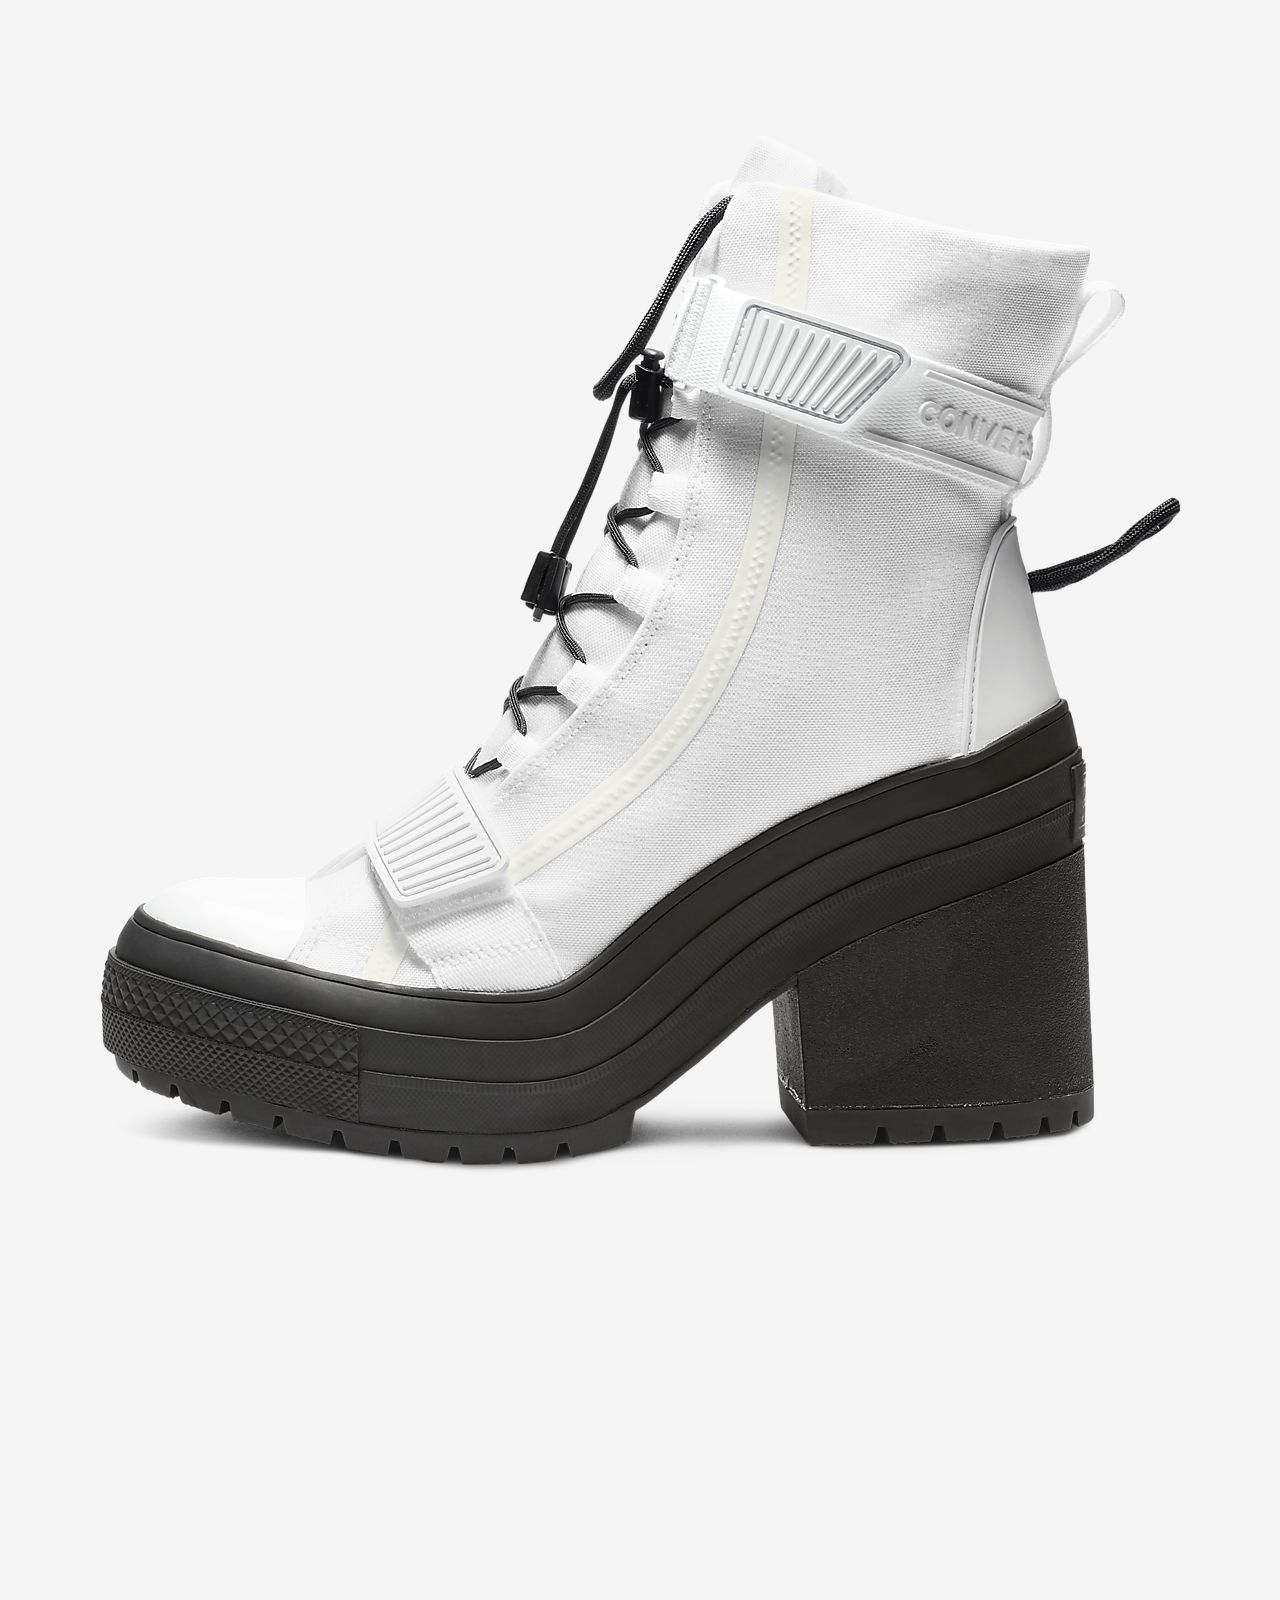 Converse Chuck Taylor All Star GR82 Women's Shoe